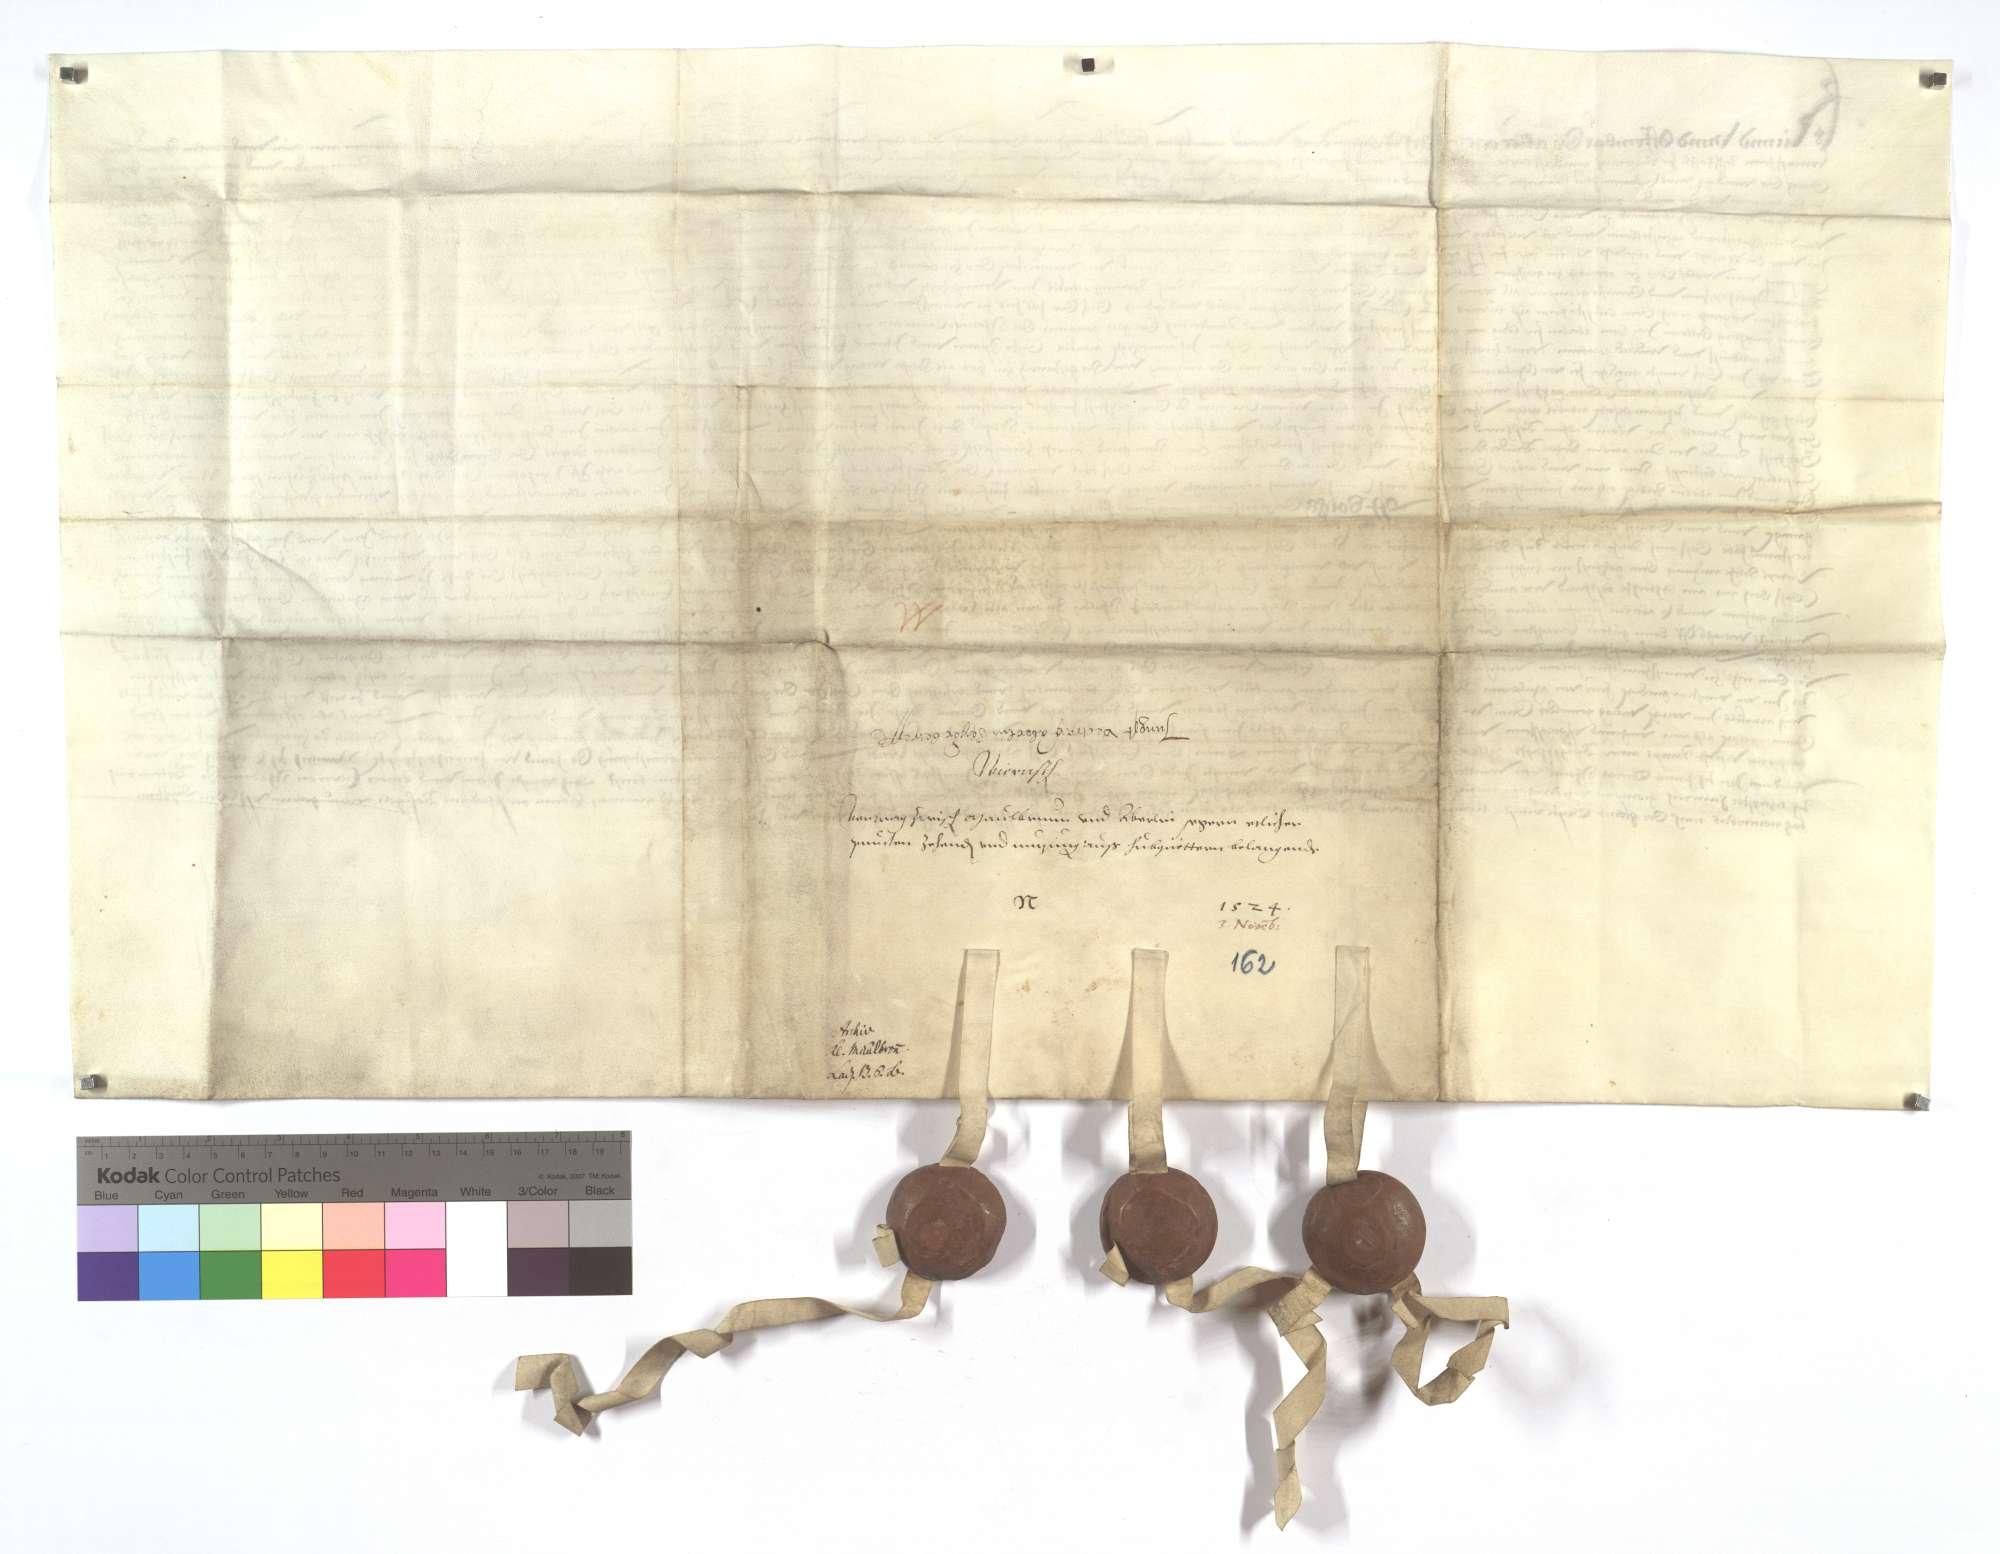 Vertrag zwischen dem Kloster Maulbronn und Aberlin Seger von Kürnbach wegen des Zehnten und der Nutzung aus etlichen Hubgütern in Wiernsheim., Rückseite